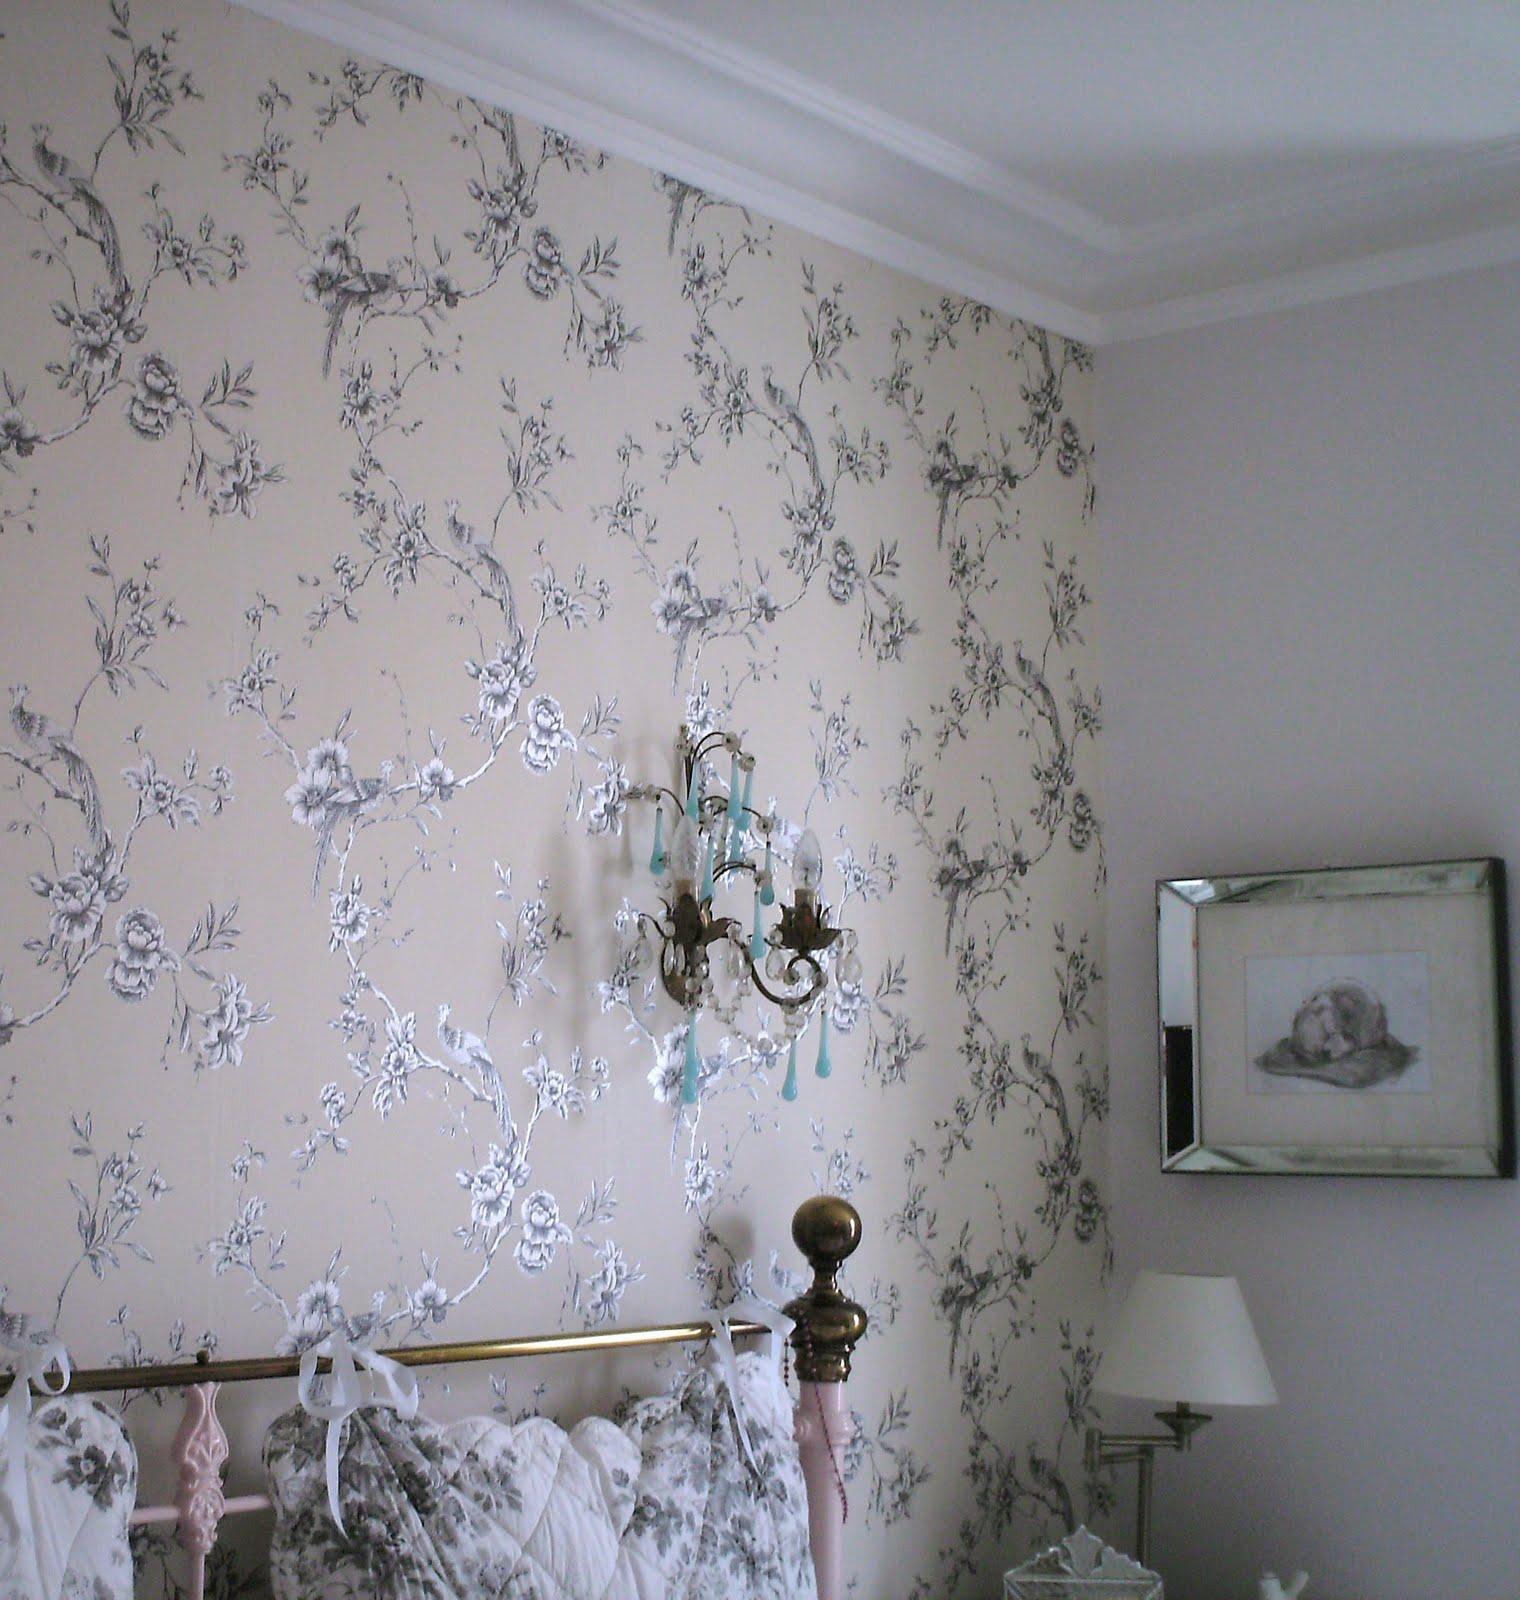 B&Q Wallpapers - WallpaperSafari